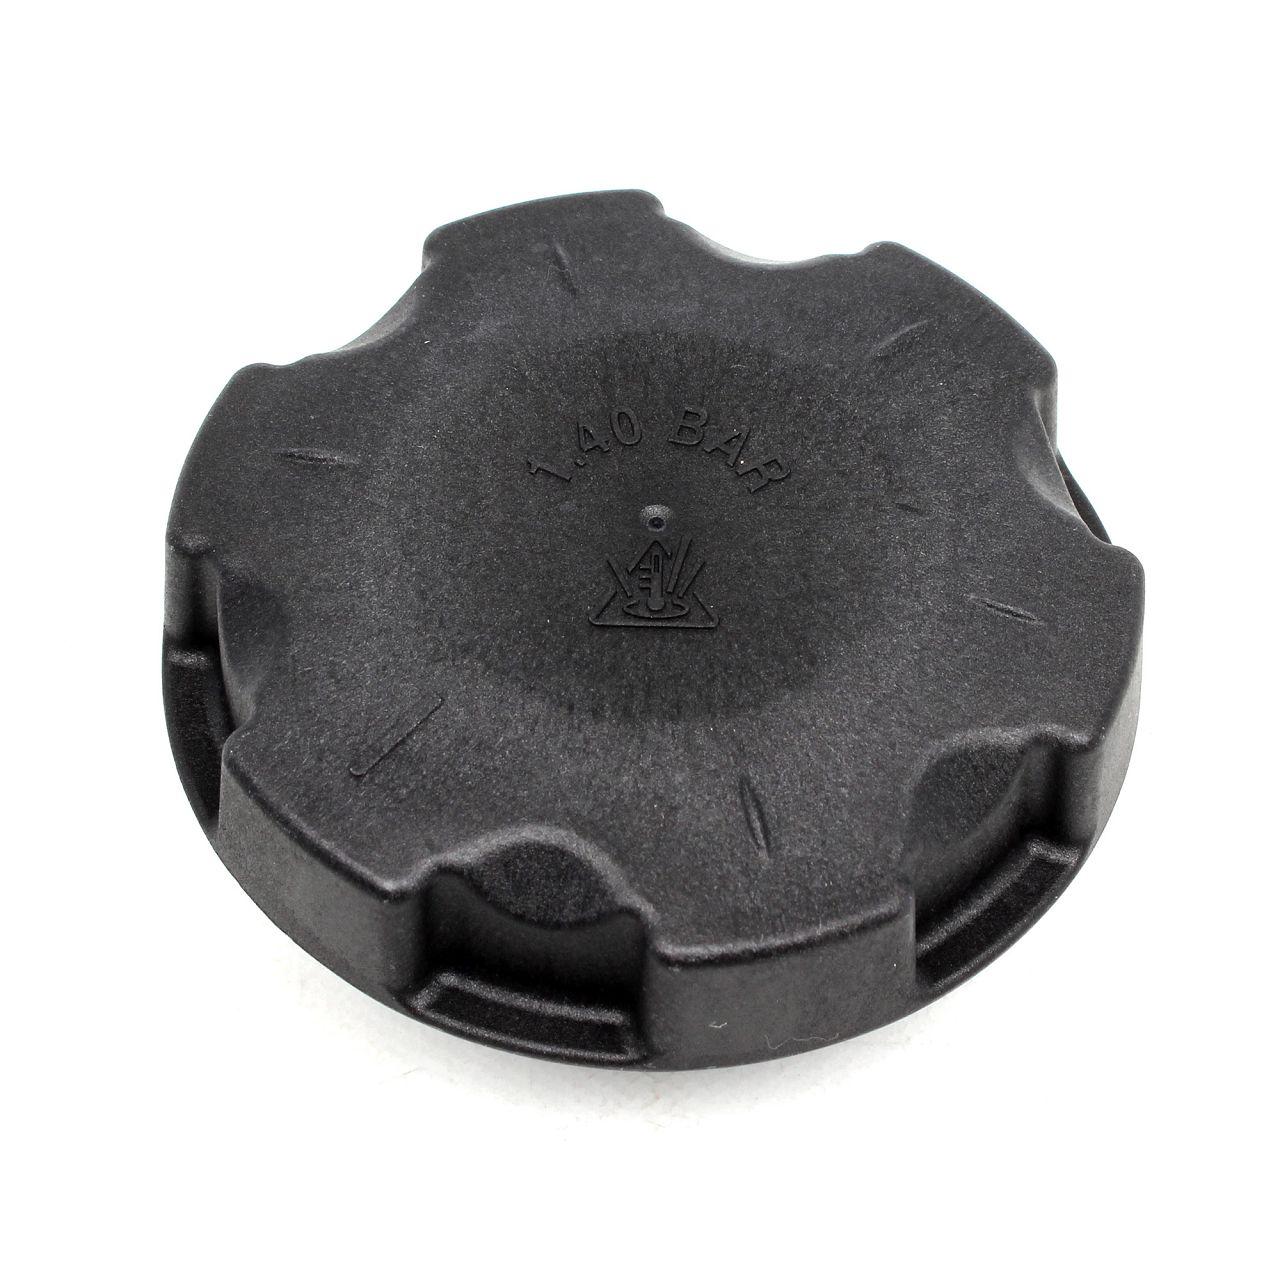 Verschlusskappe Deckel Kühlerverschlussdeckel für BMW 17117639020